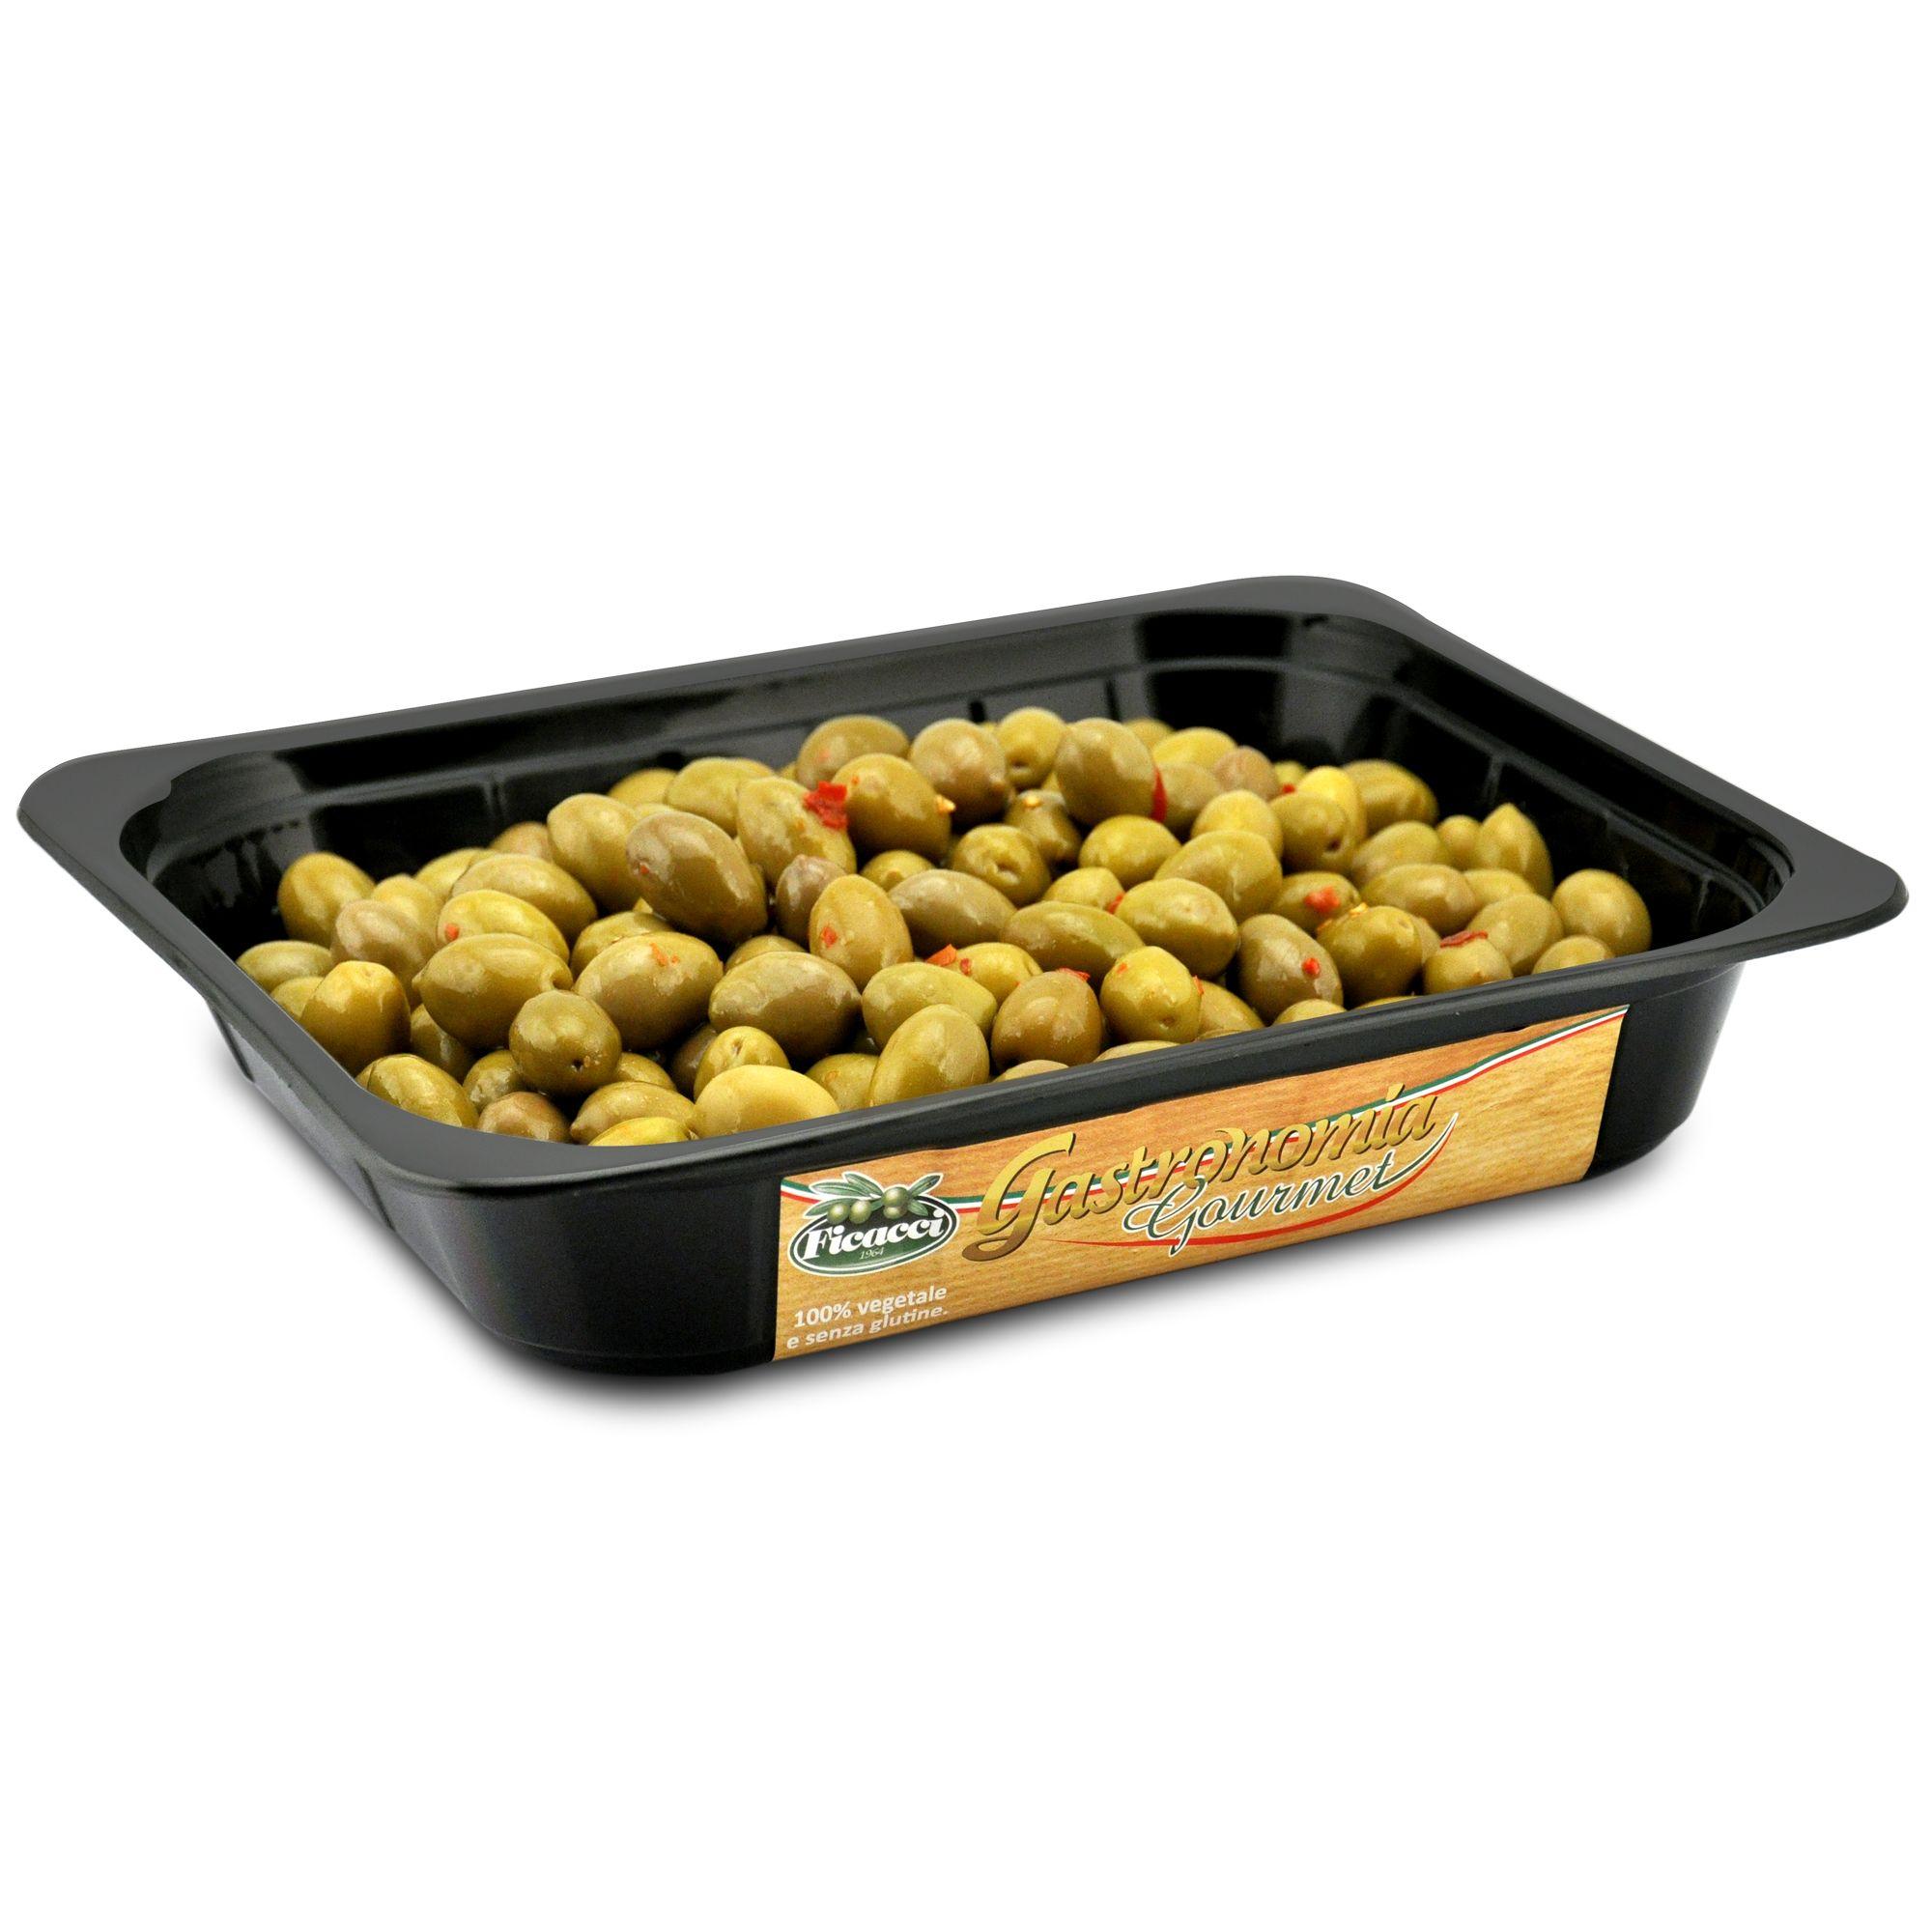 IT   OLIVE VERDI GRECHE CONDITE: il condimento è molto semplice: olio e peperoncino.la semplicità della ricetta  EN   GREEN CHILI OLIVES: a simple recipe prepared with whole halkidiki olives and chili peppers.  http://www.ficacci.com/scheda.asp?id=10&idgamma=11&categ=prodotti